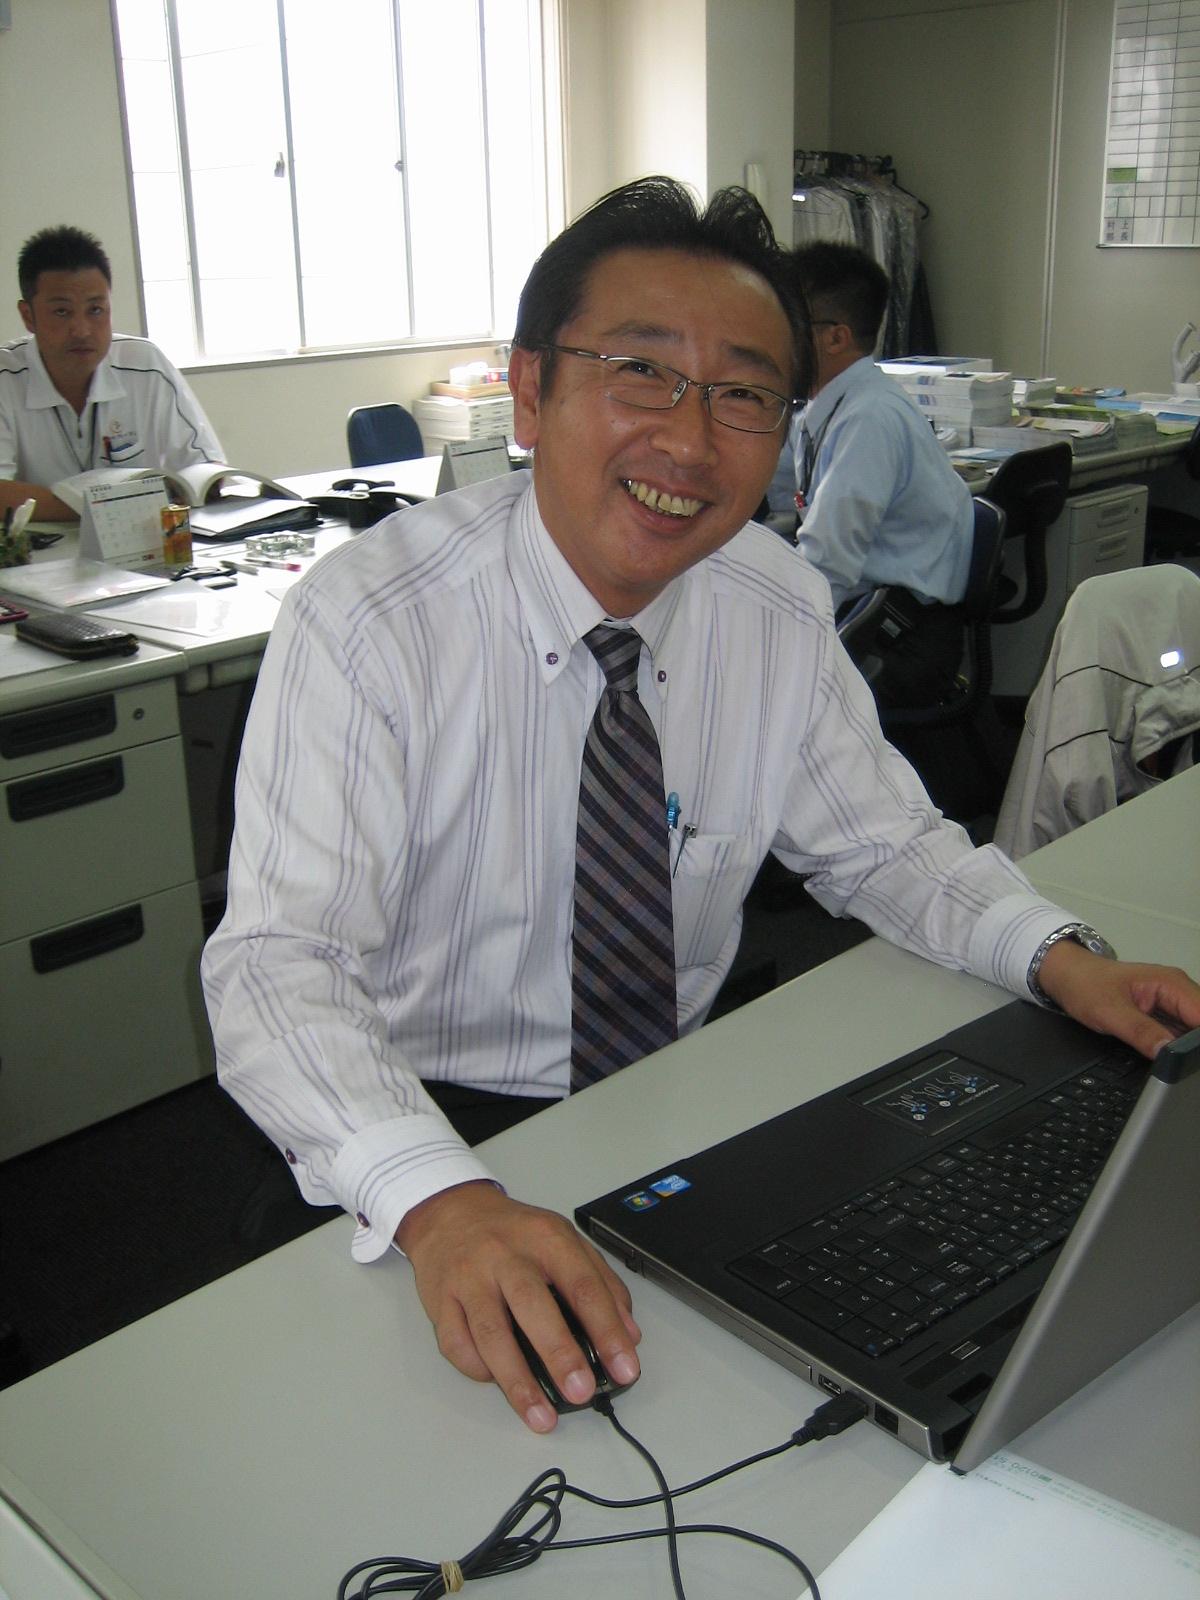 安永 茂生